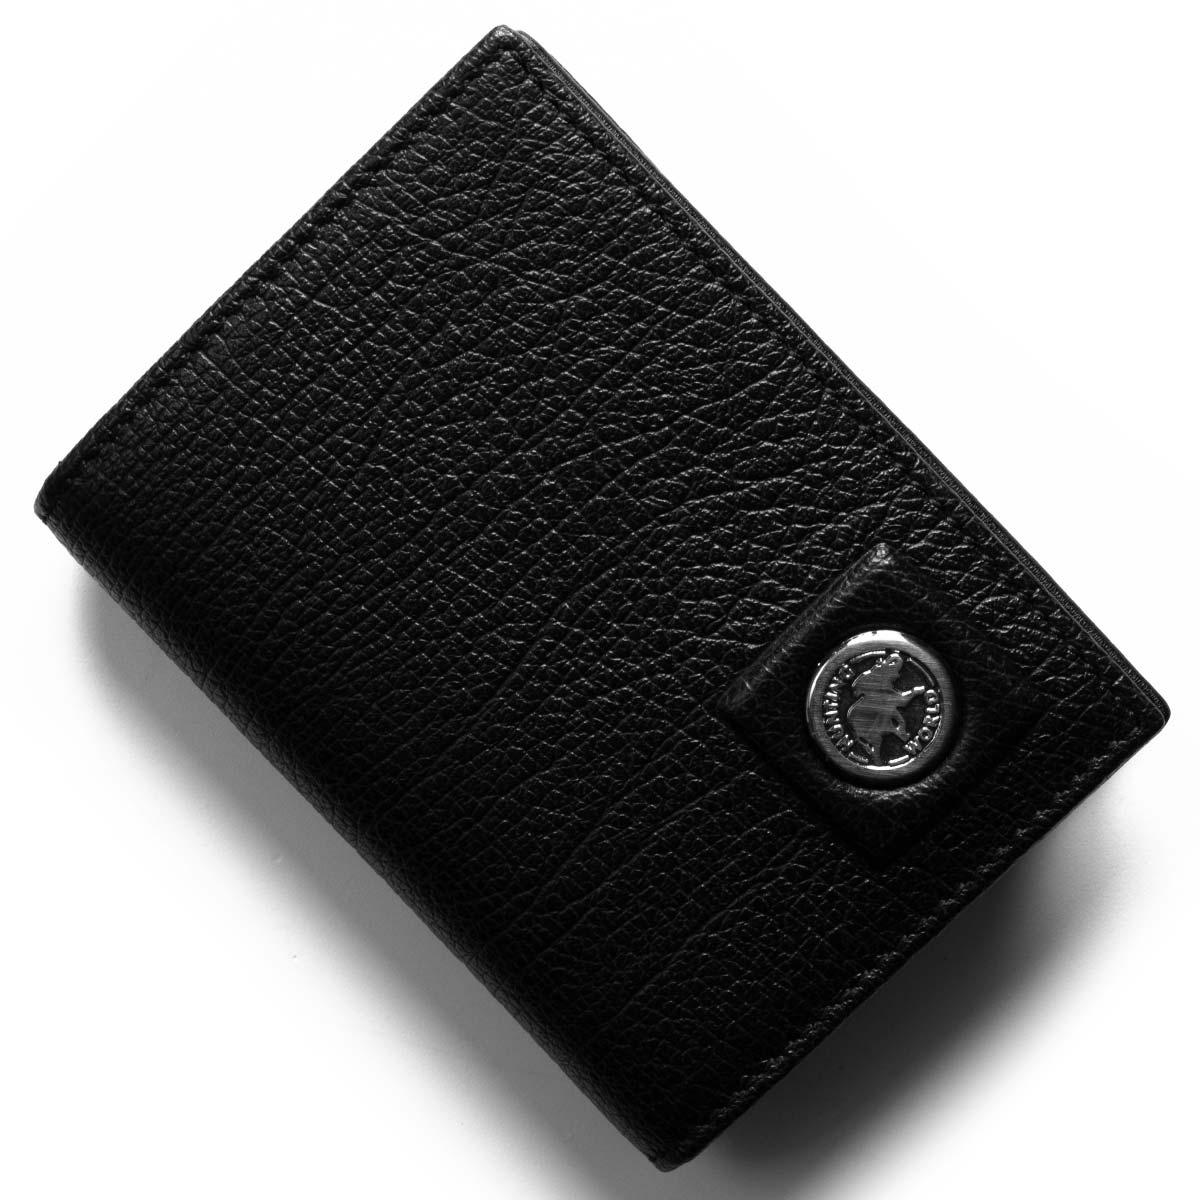 ハンティングワールド カードケース メンズ タホー ブラック 573 1 233 HUNTING WORLD